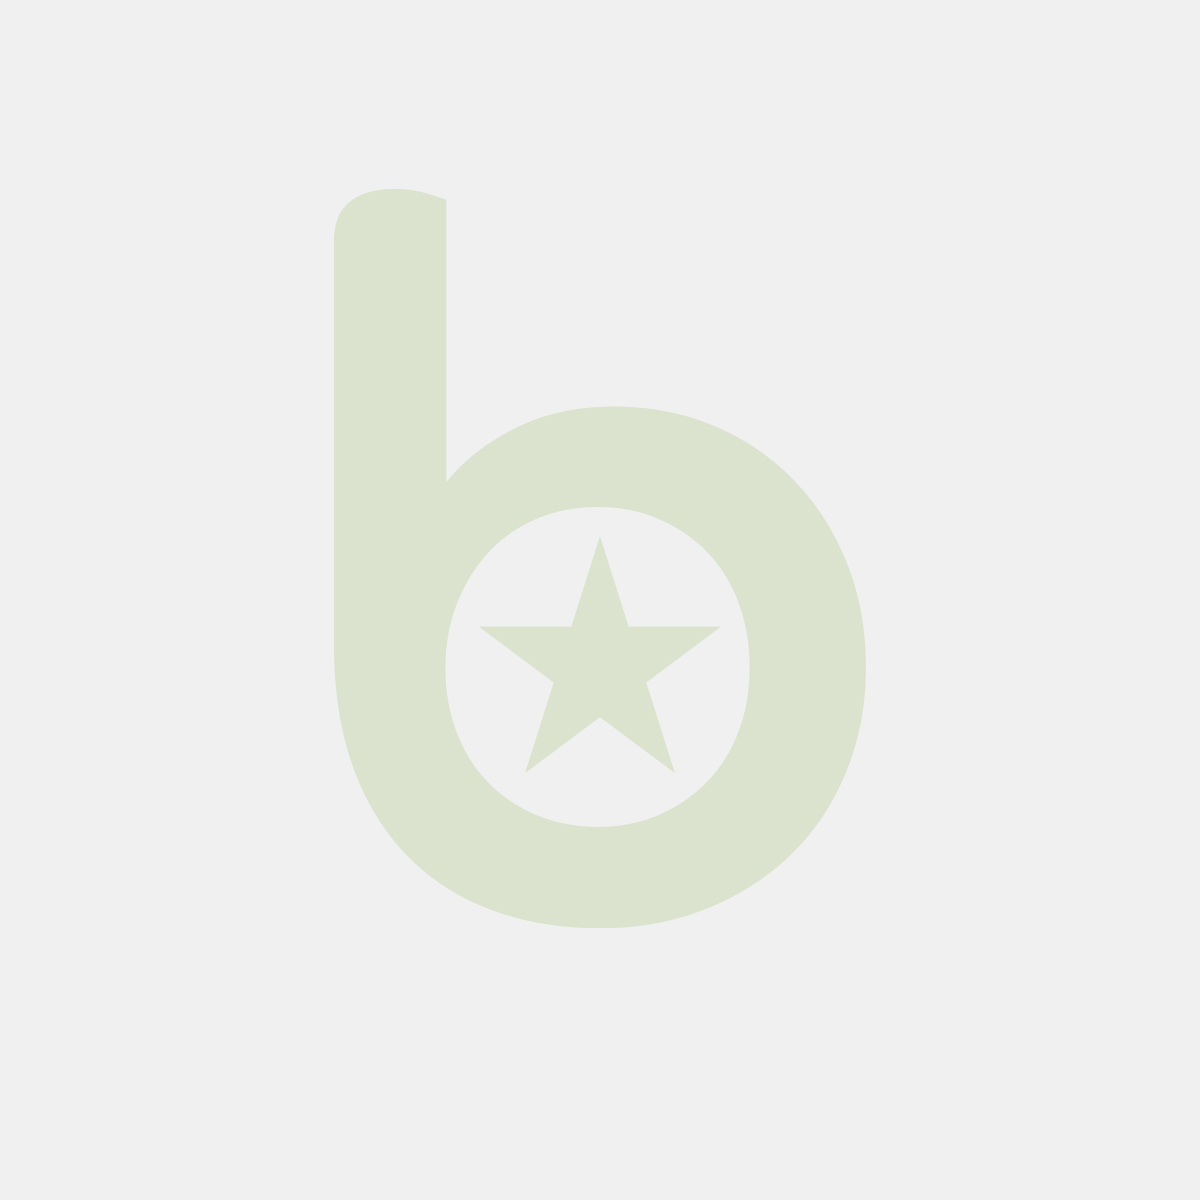 Miseczka FINGERFOOD czarna, PS, dł/szer/wys: 5,5/5,5/5,6 cm 25 szt. w opakowaniu